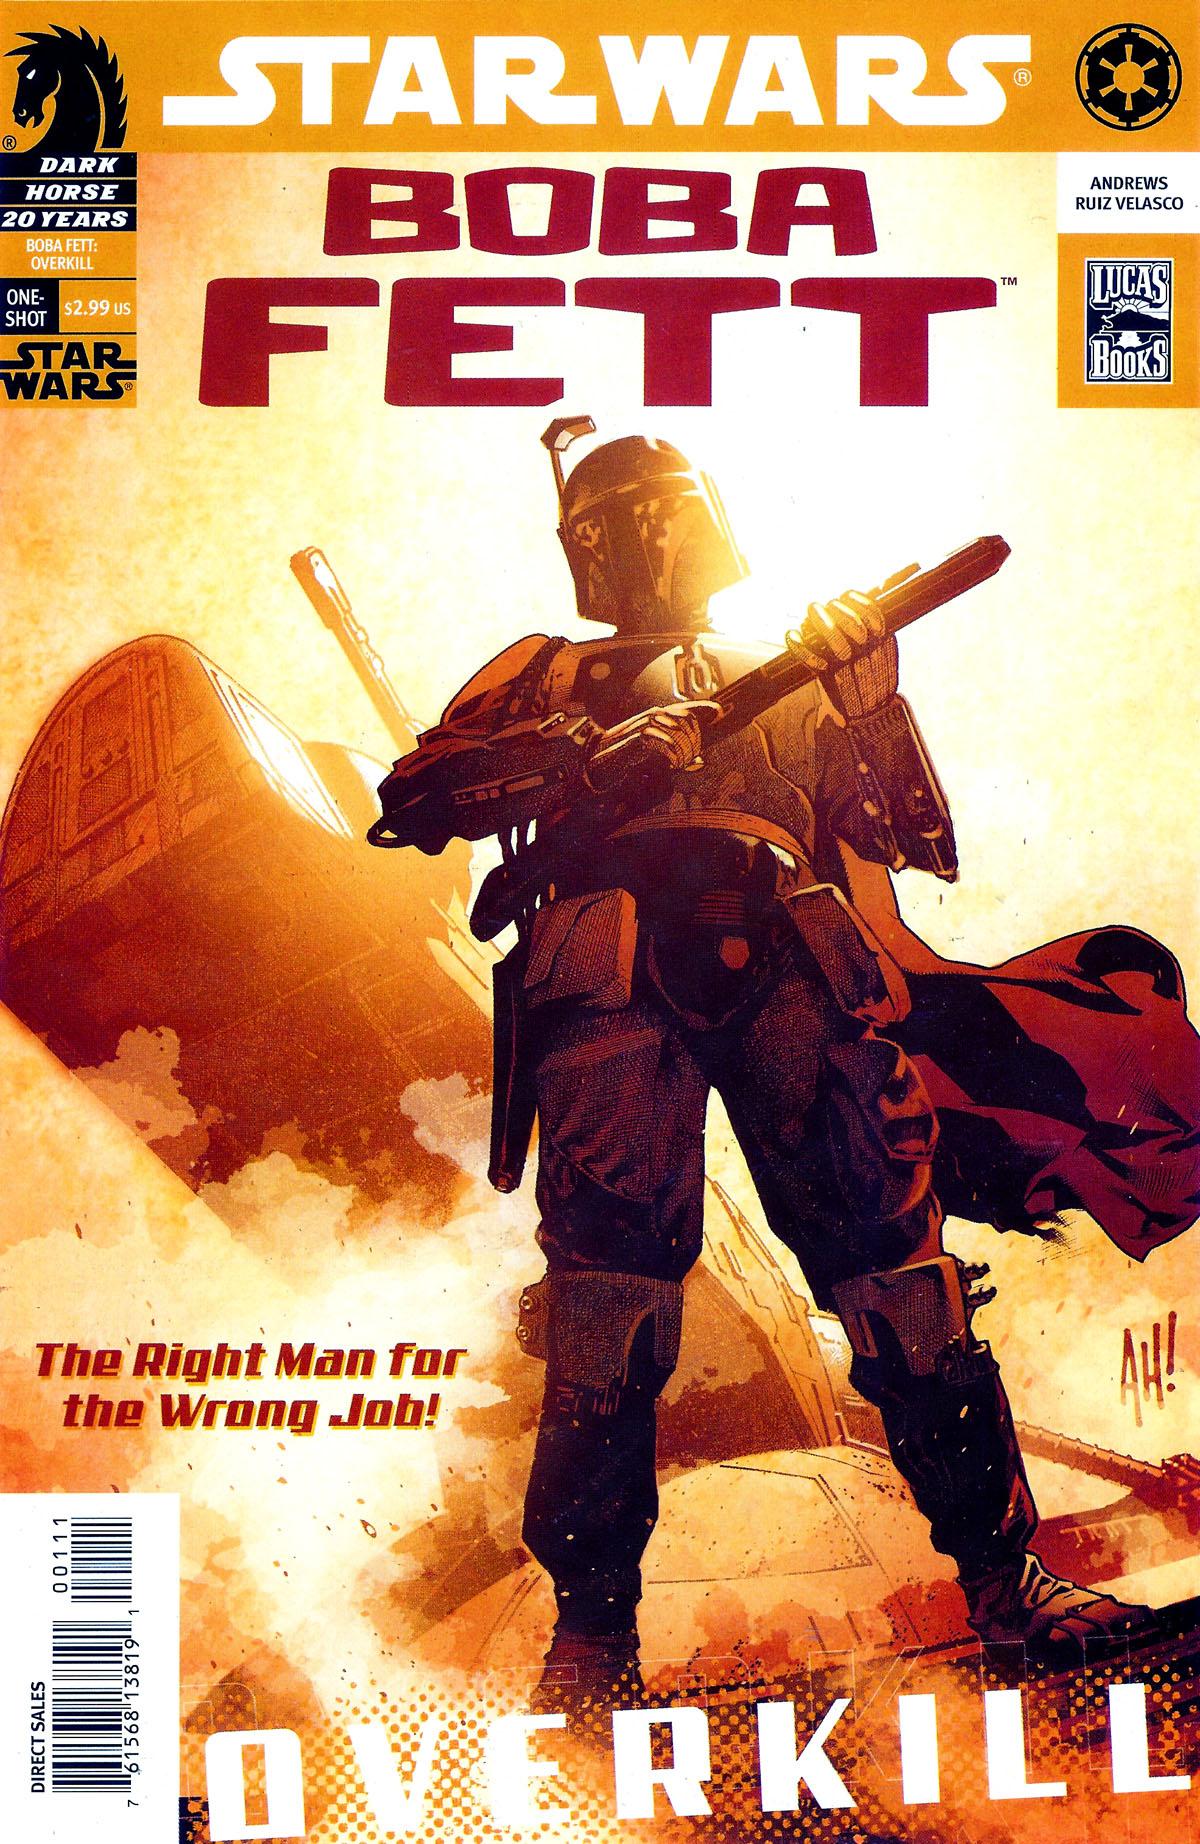 Star Wars: Boba Fett - Overkill Full Page 1